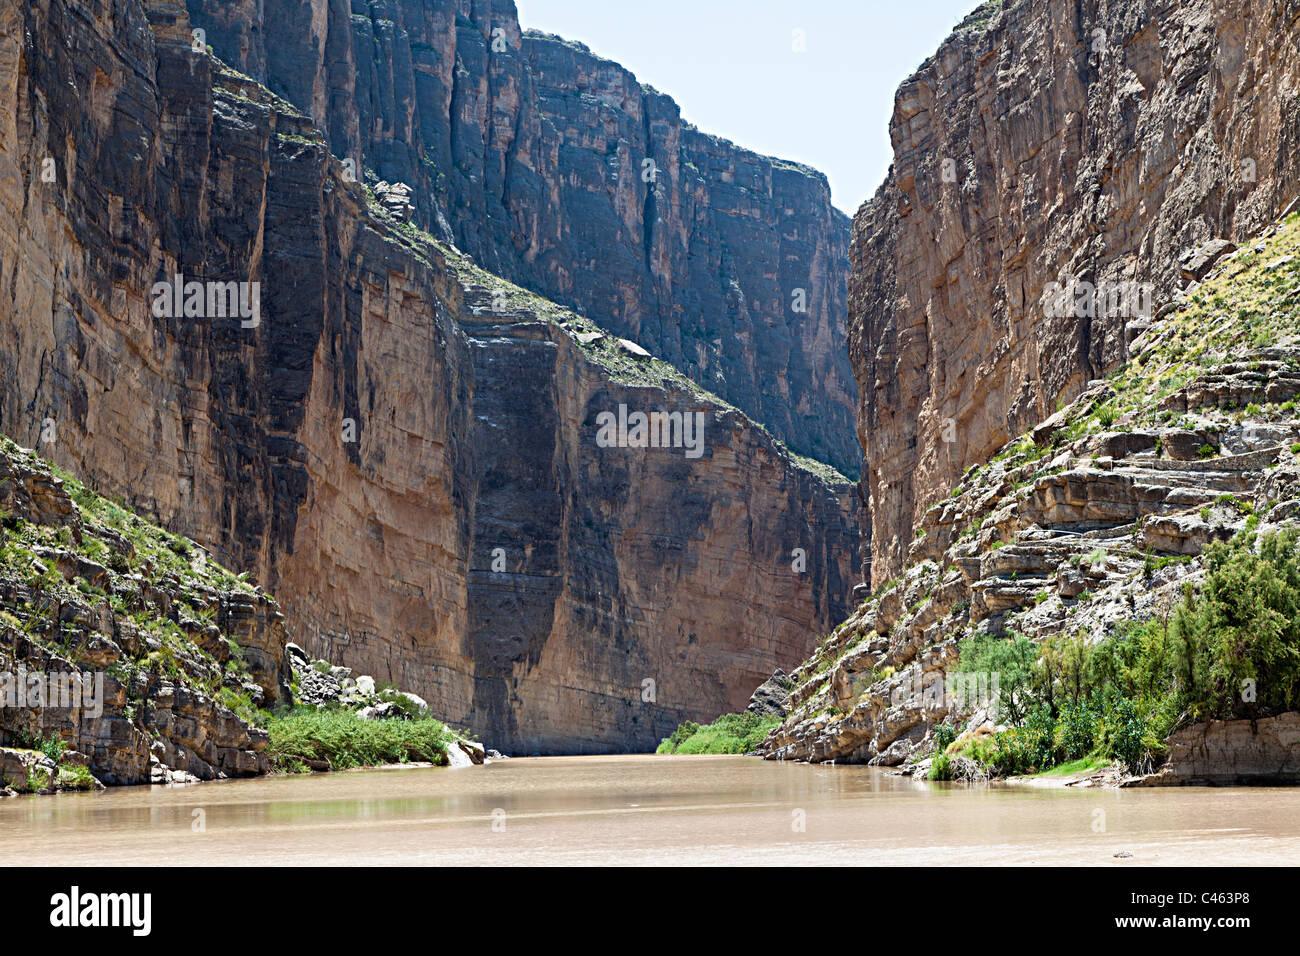 Santa Elena Canyon Rio Grande River Big Bend National Park Texas USA - Stock Image